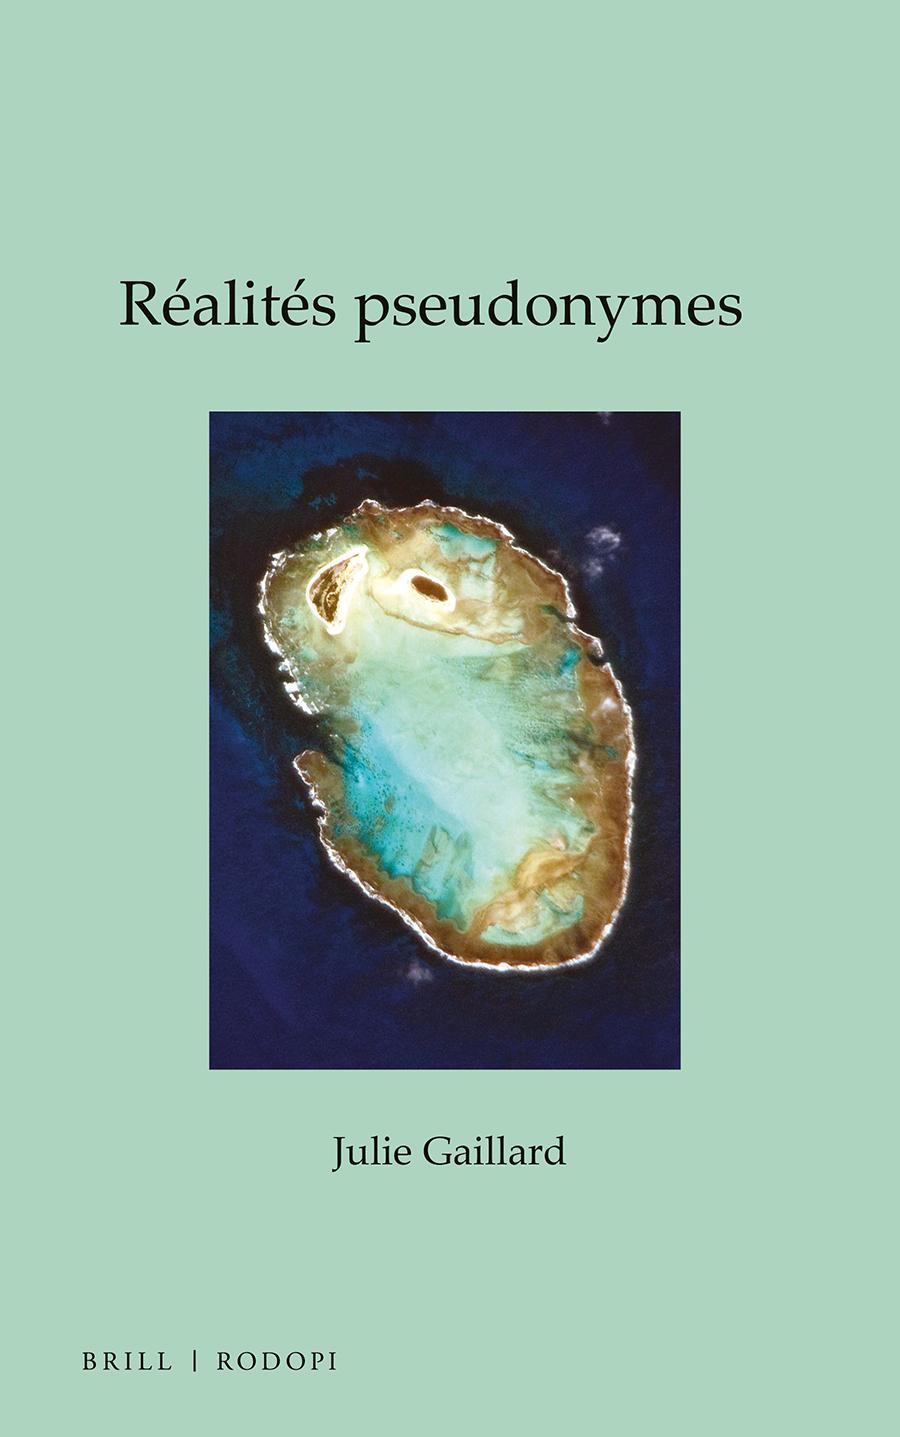 Cover Gaillard Realites pseudonymes